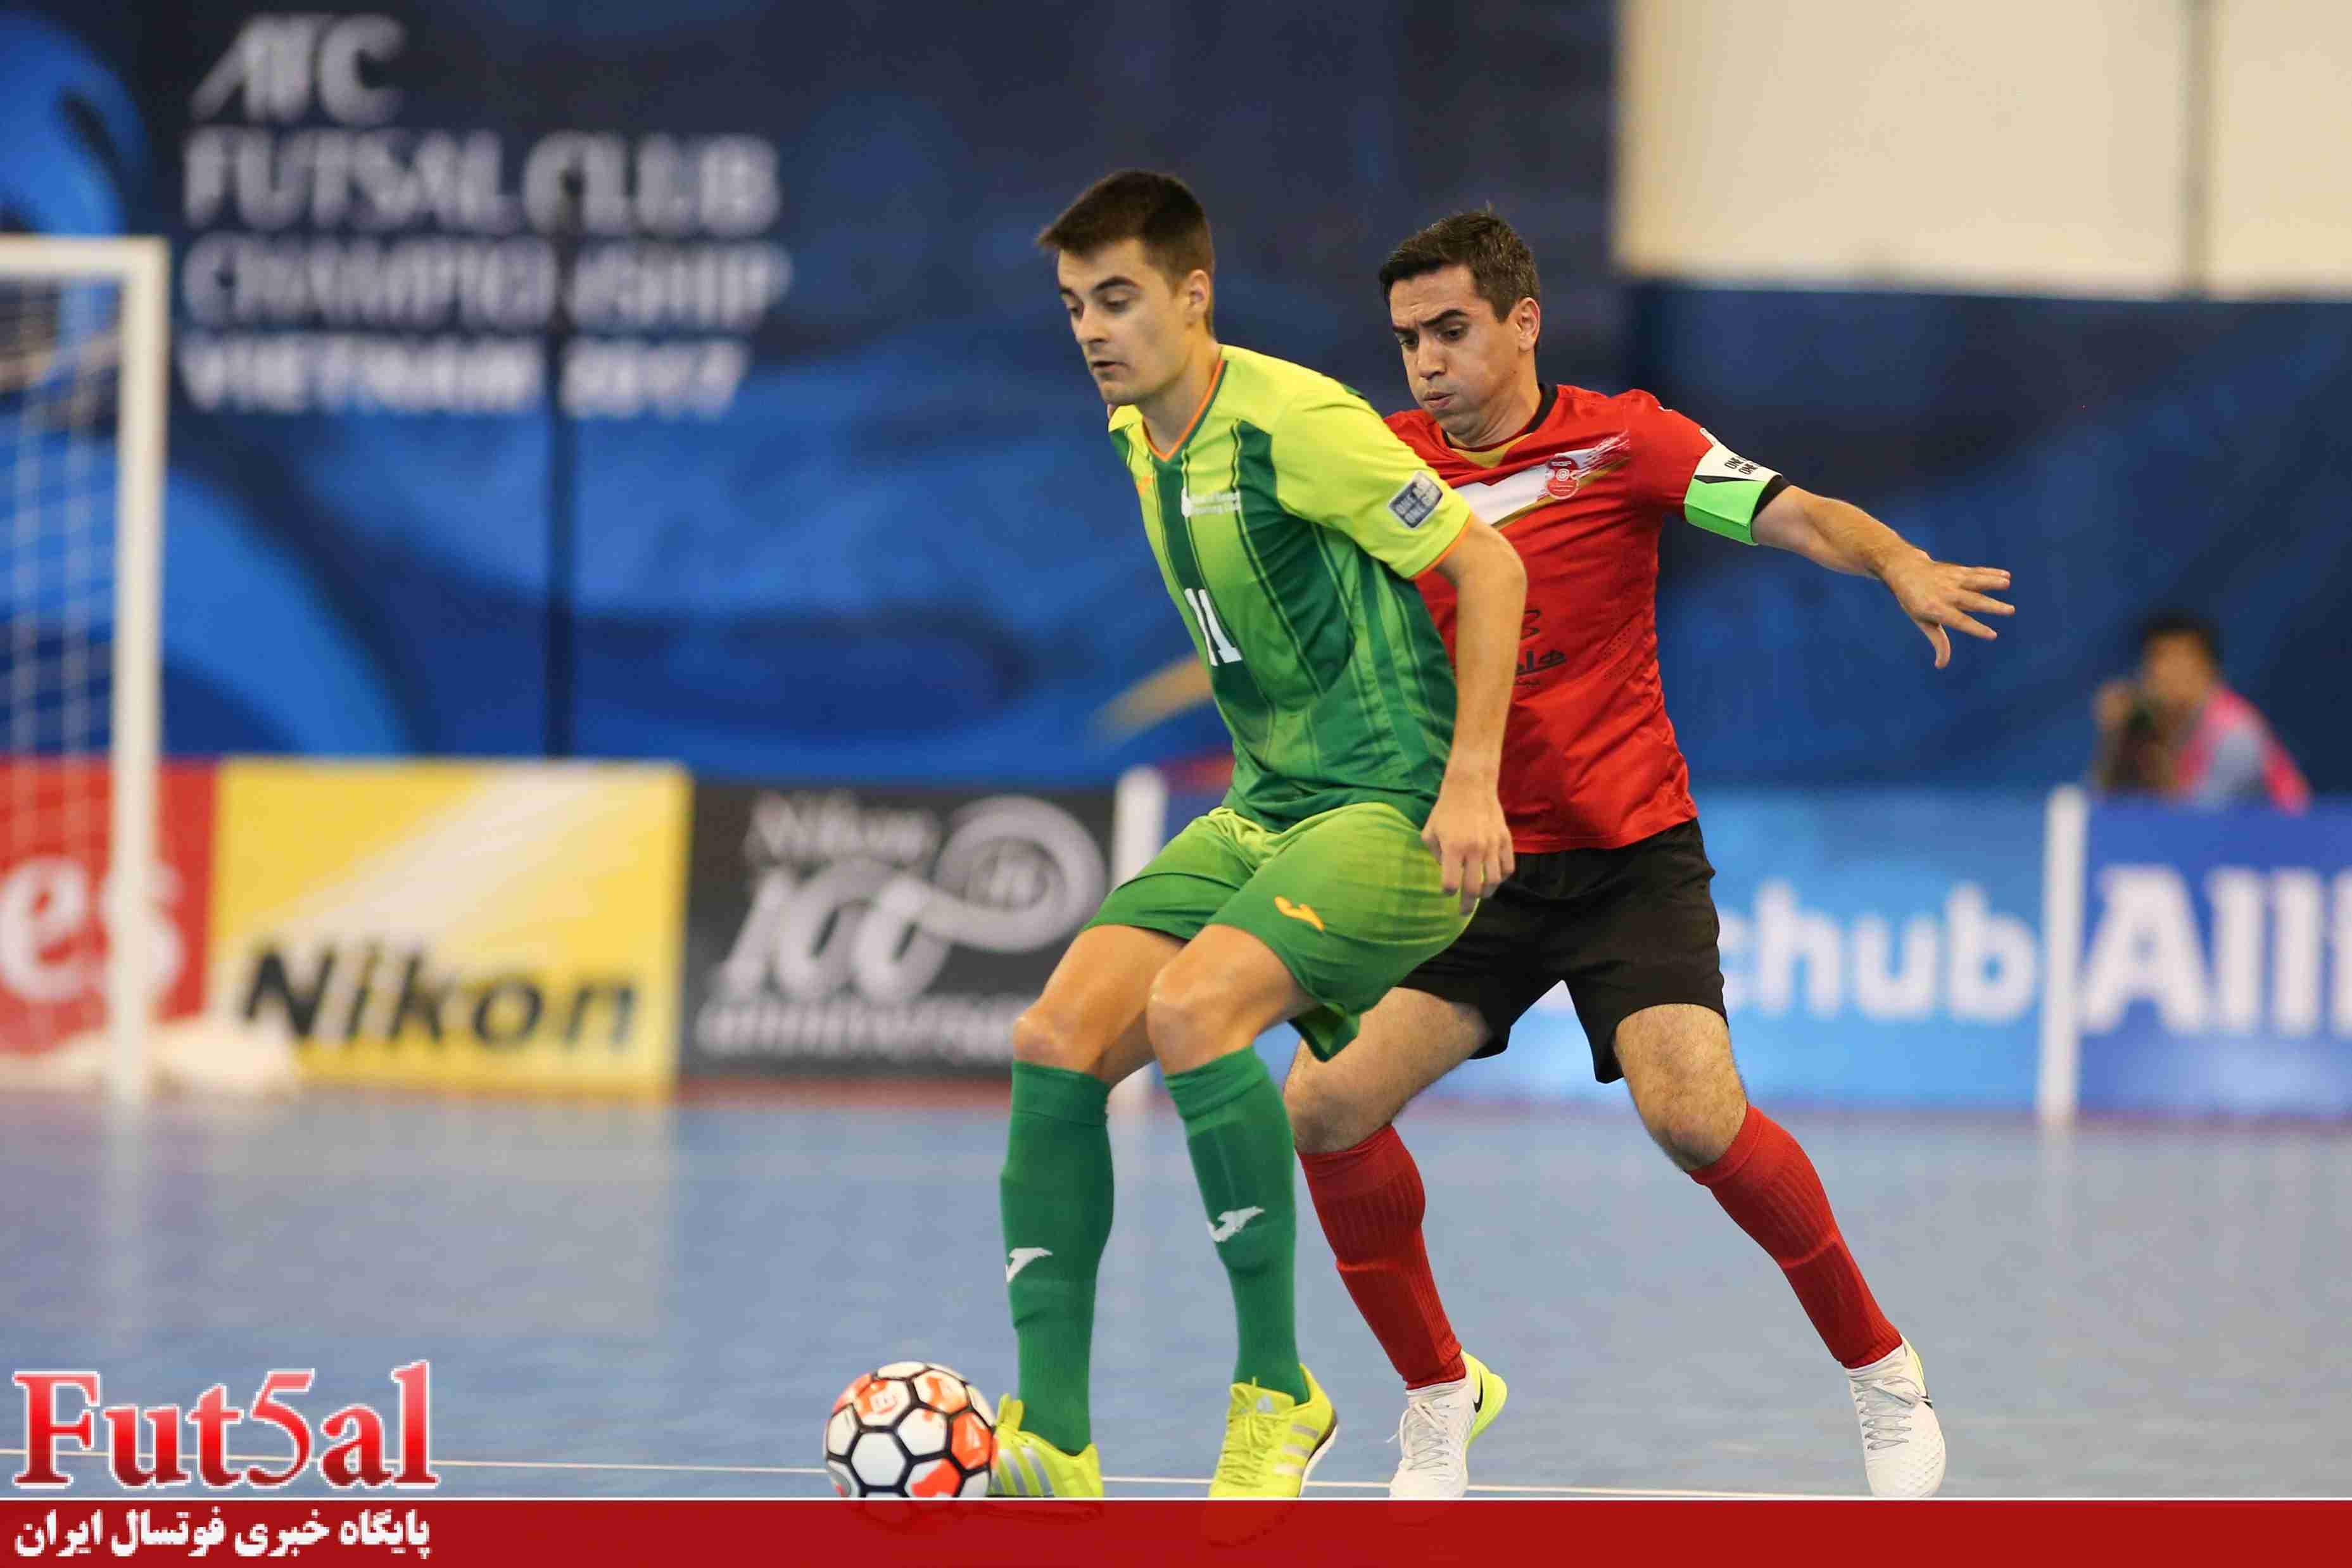 گزارش تصویری/بازی تیم های گیتی پسند اصفهان با بانک بیروت لبنان